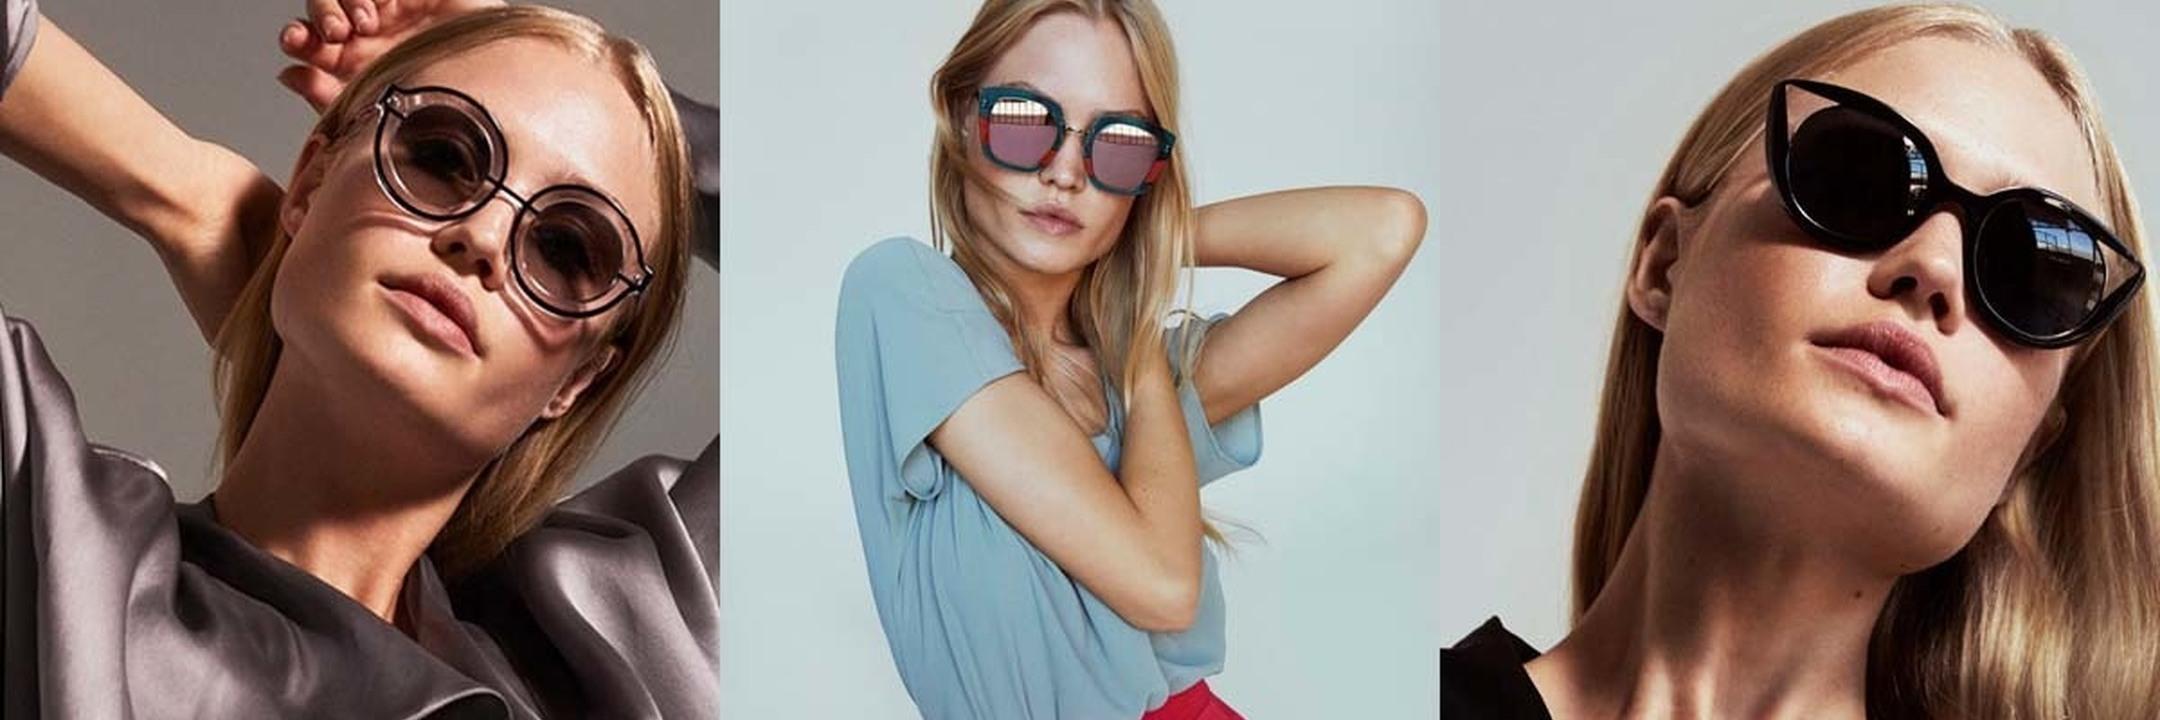 Veja os óculos de sol que vão tornar o seu verão mais cool e com estilo